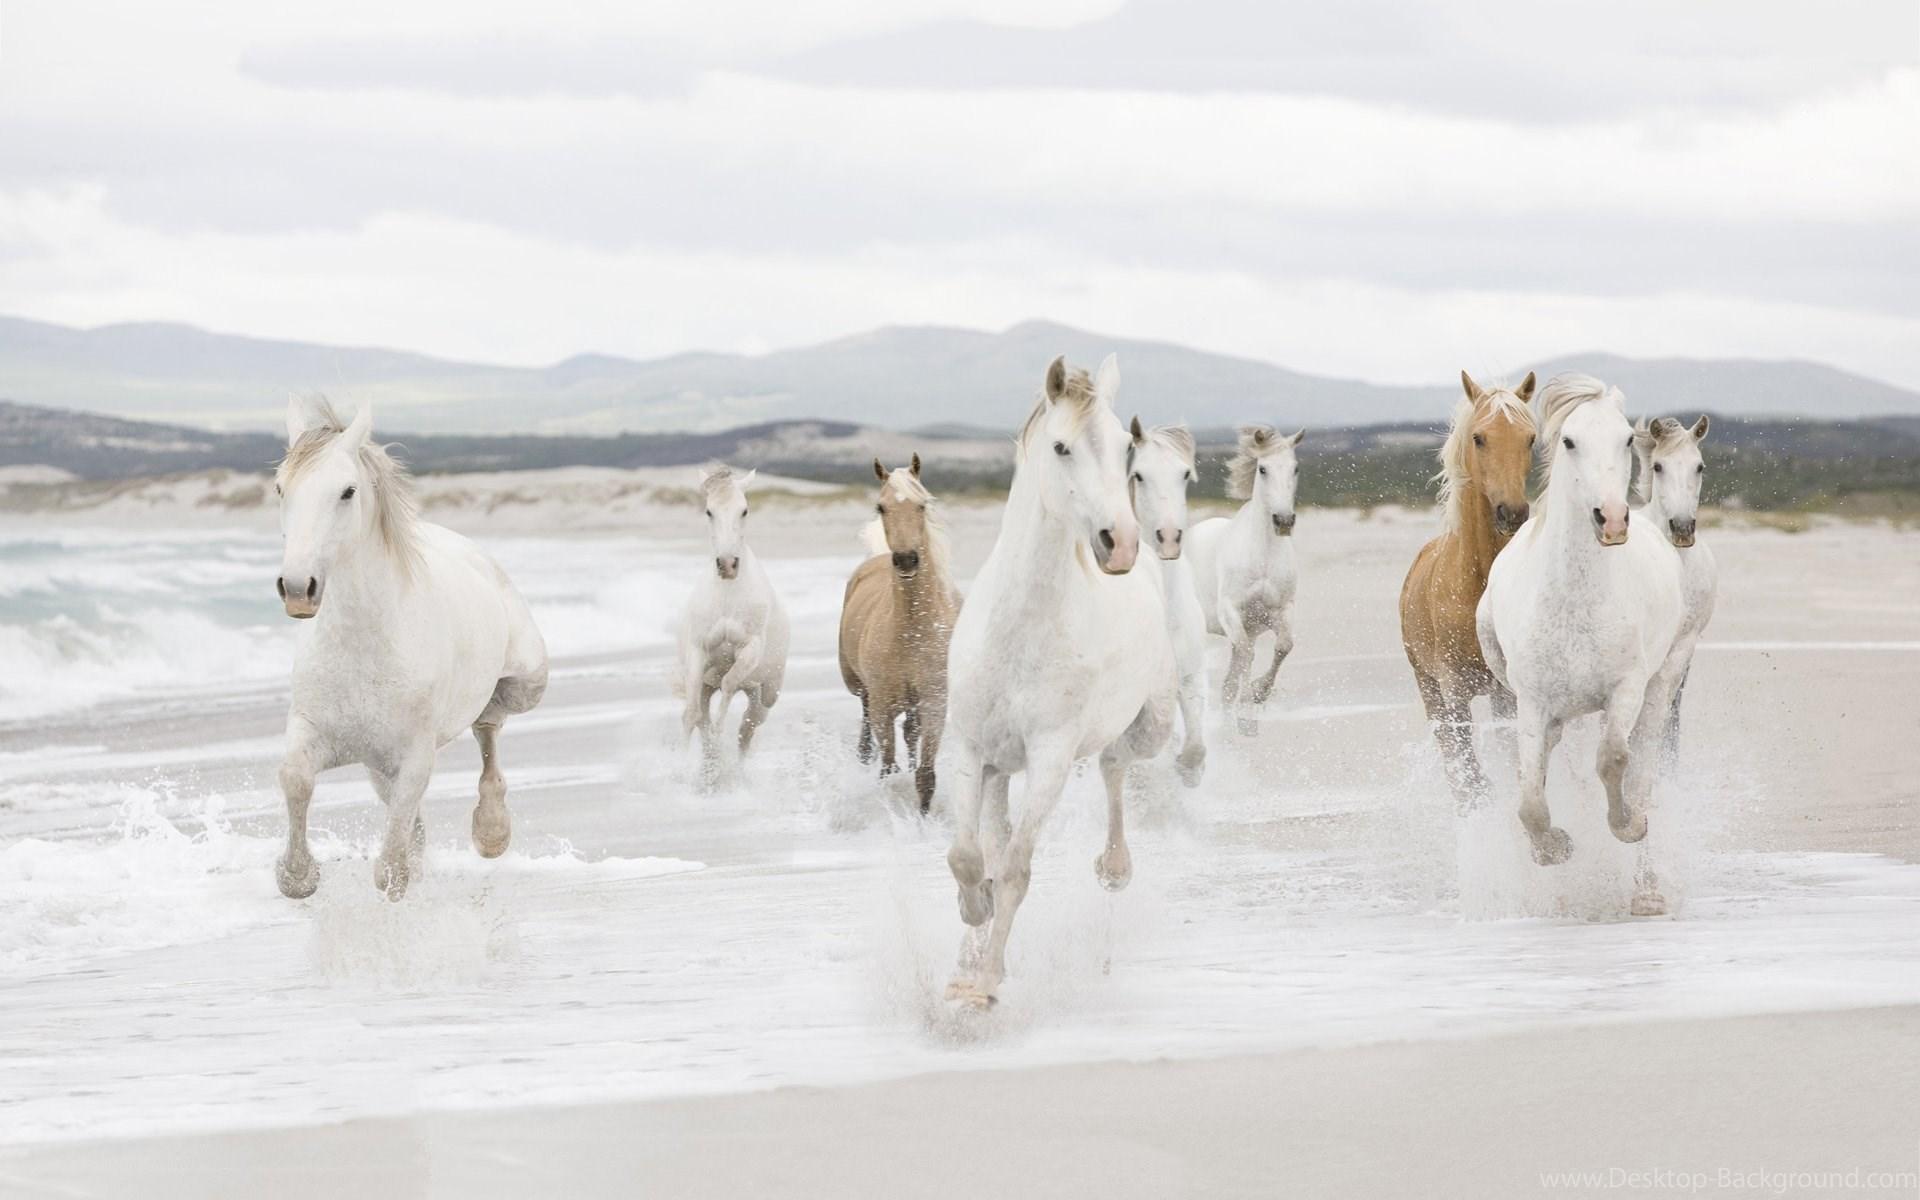 Widescreen Group Of Horse Running 429274 Hd Wallpaper